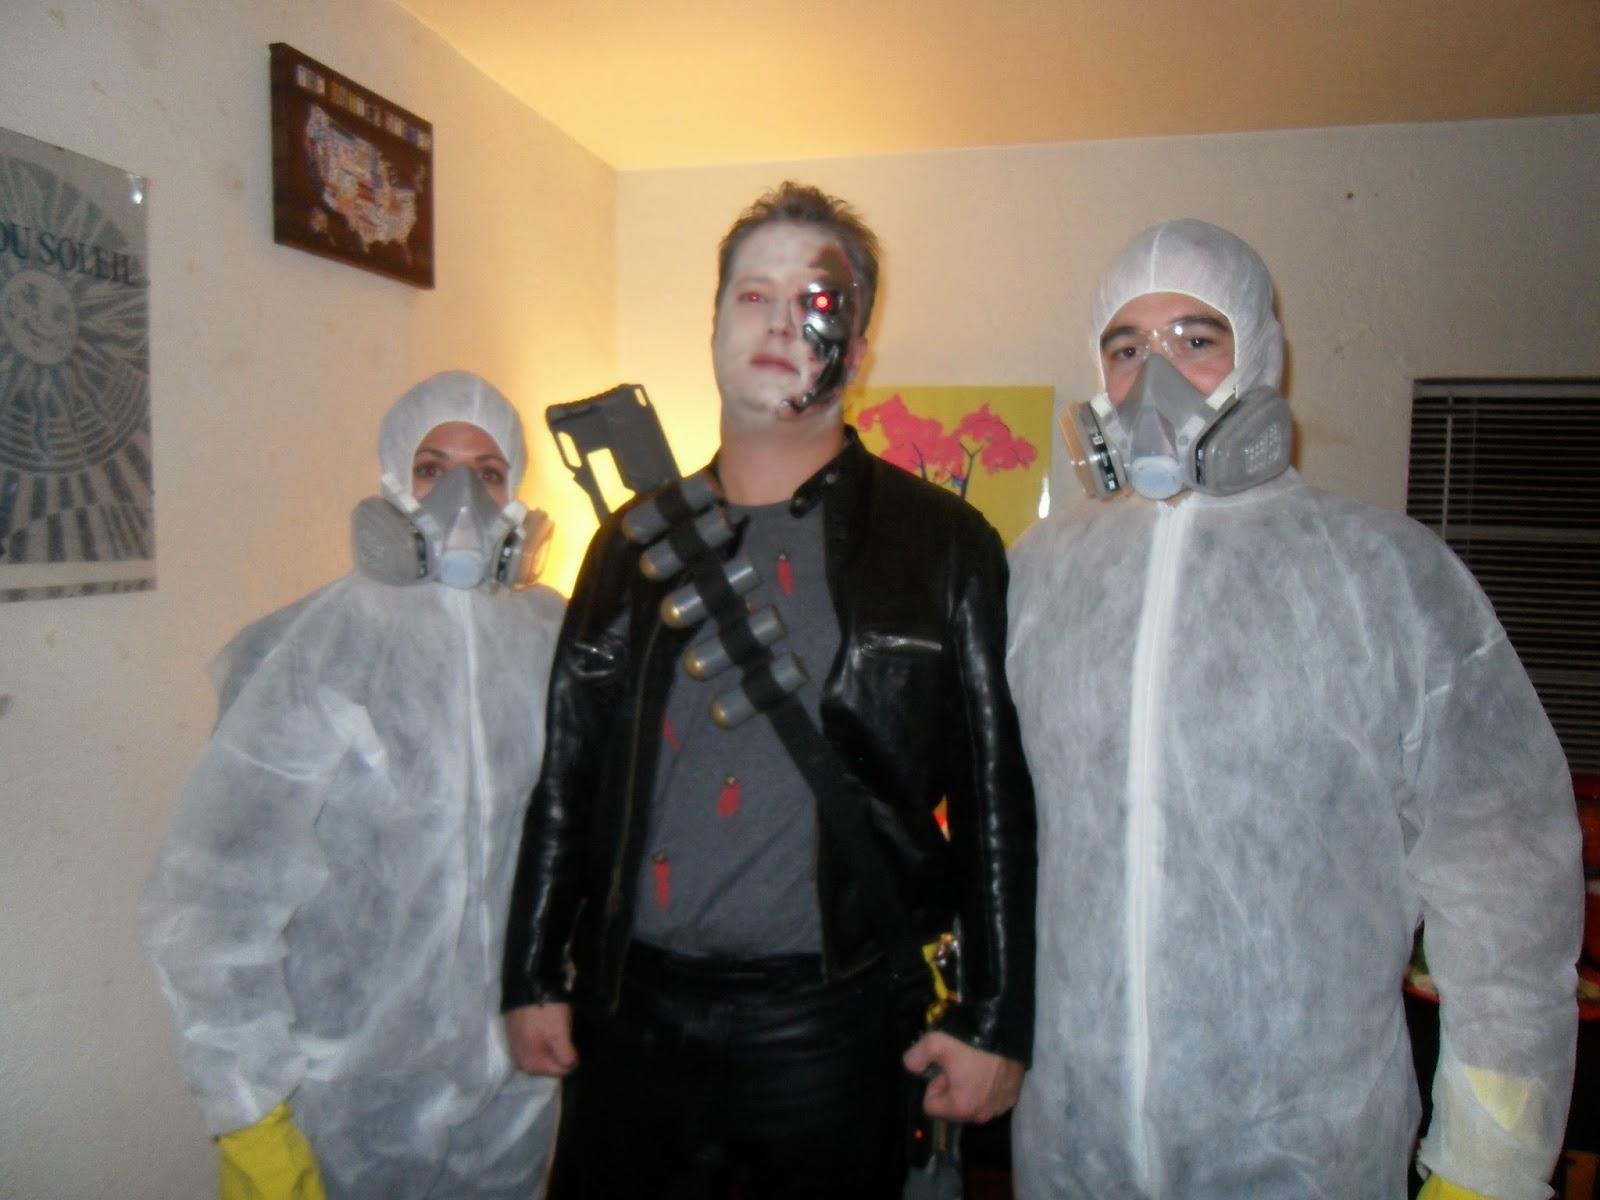 Dukes of Hazzard Collector: Halloween 2013 - The Terminator